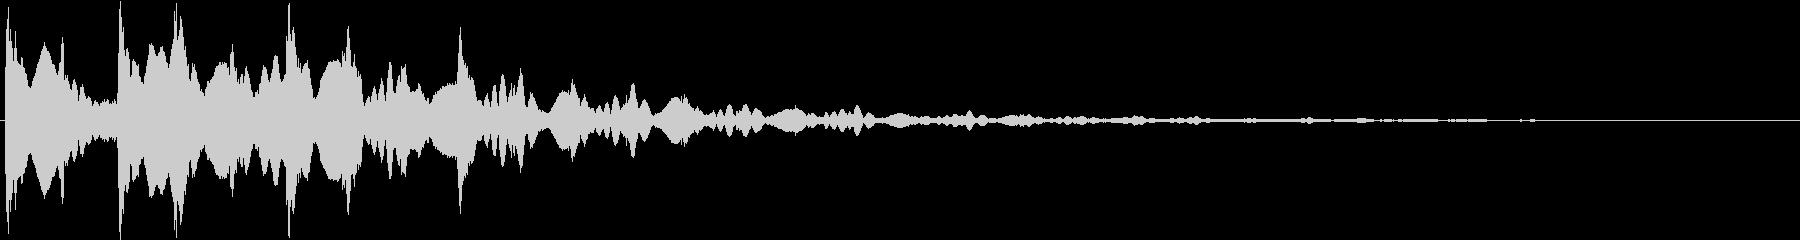 パン:ドキュメンタル風ピアノ・シンセ音5の未再生の波形